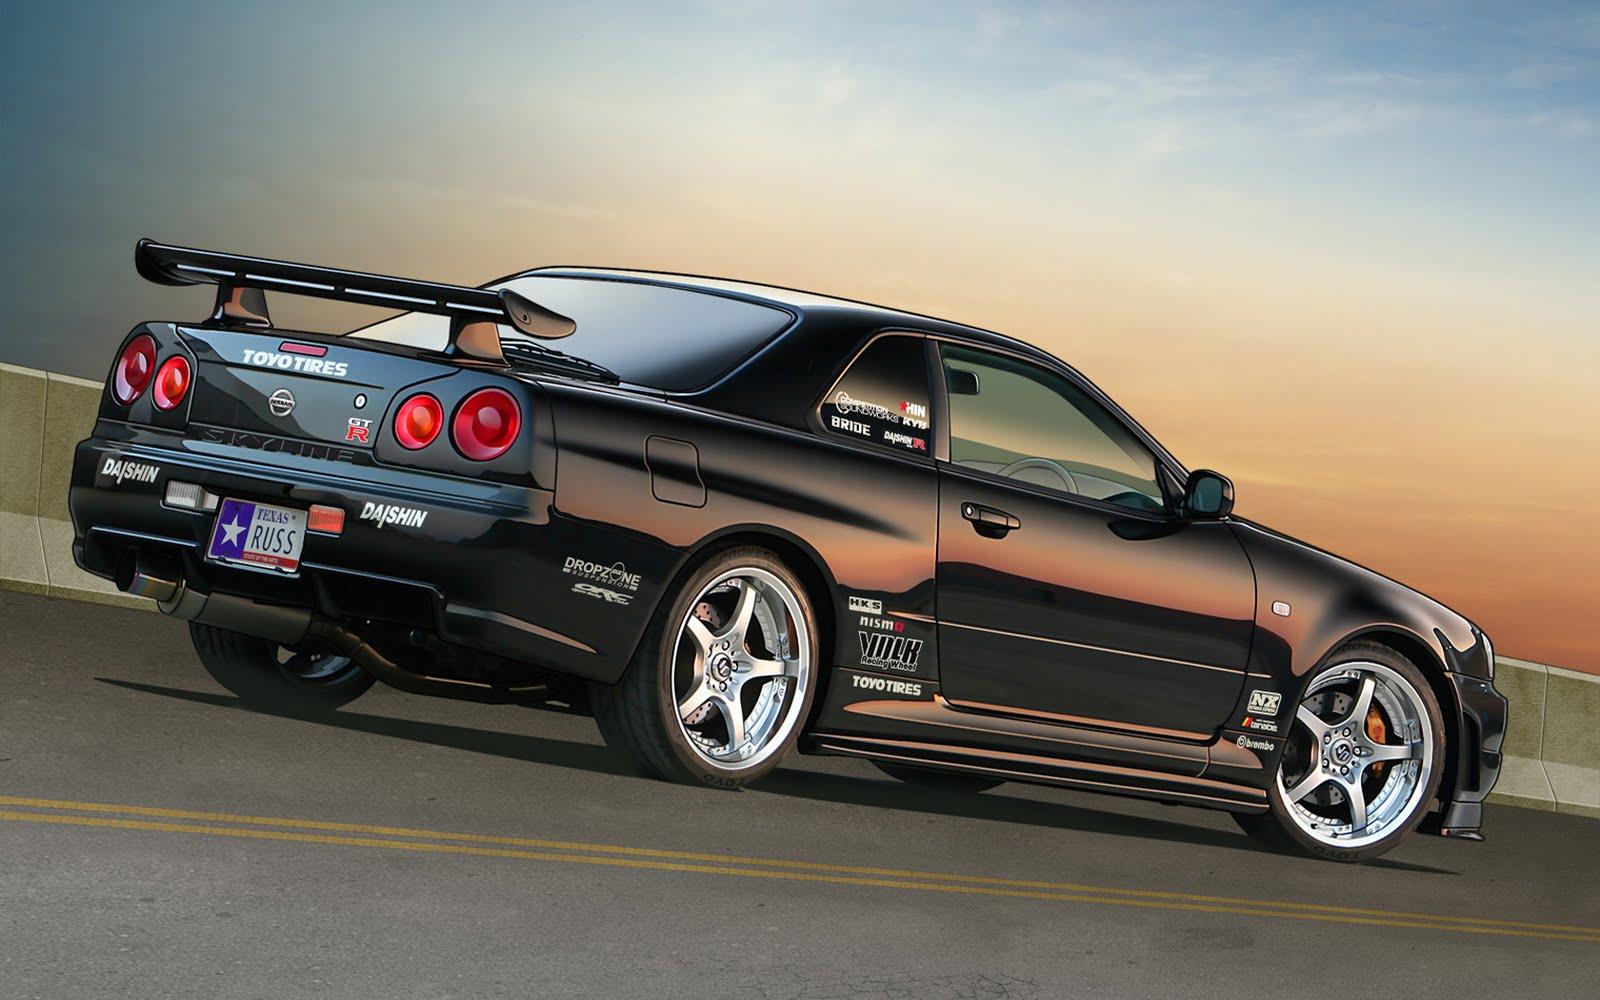 Nissan Skyline Fondos De Pantalla Hd Fondo De Pantalla De Carros 1600x1000 Wallpapertip